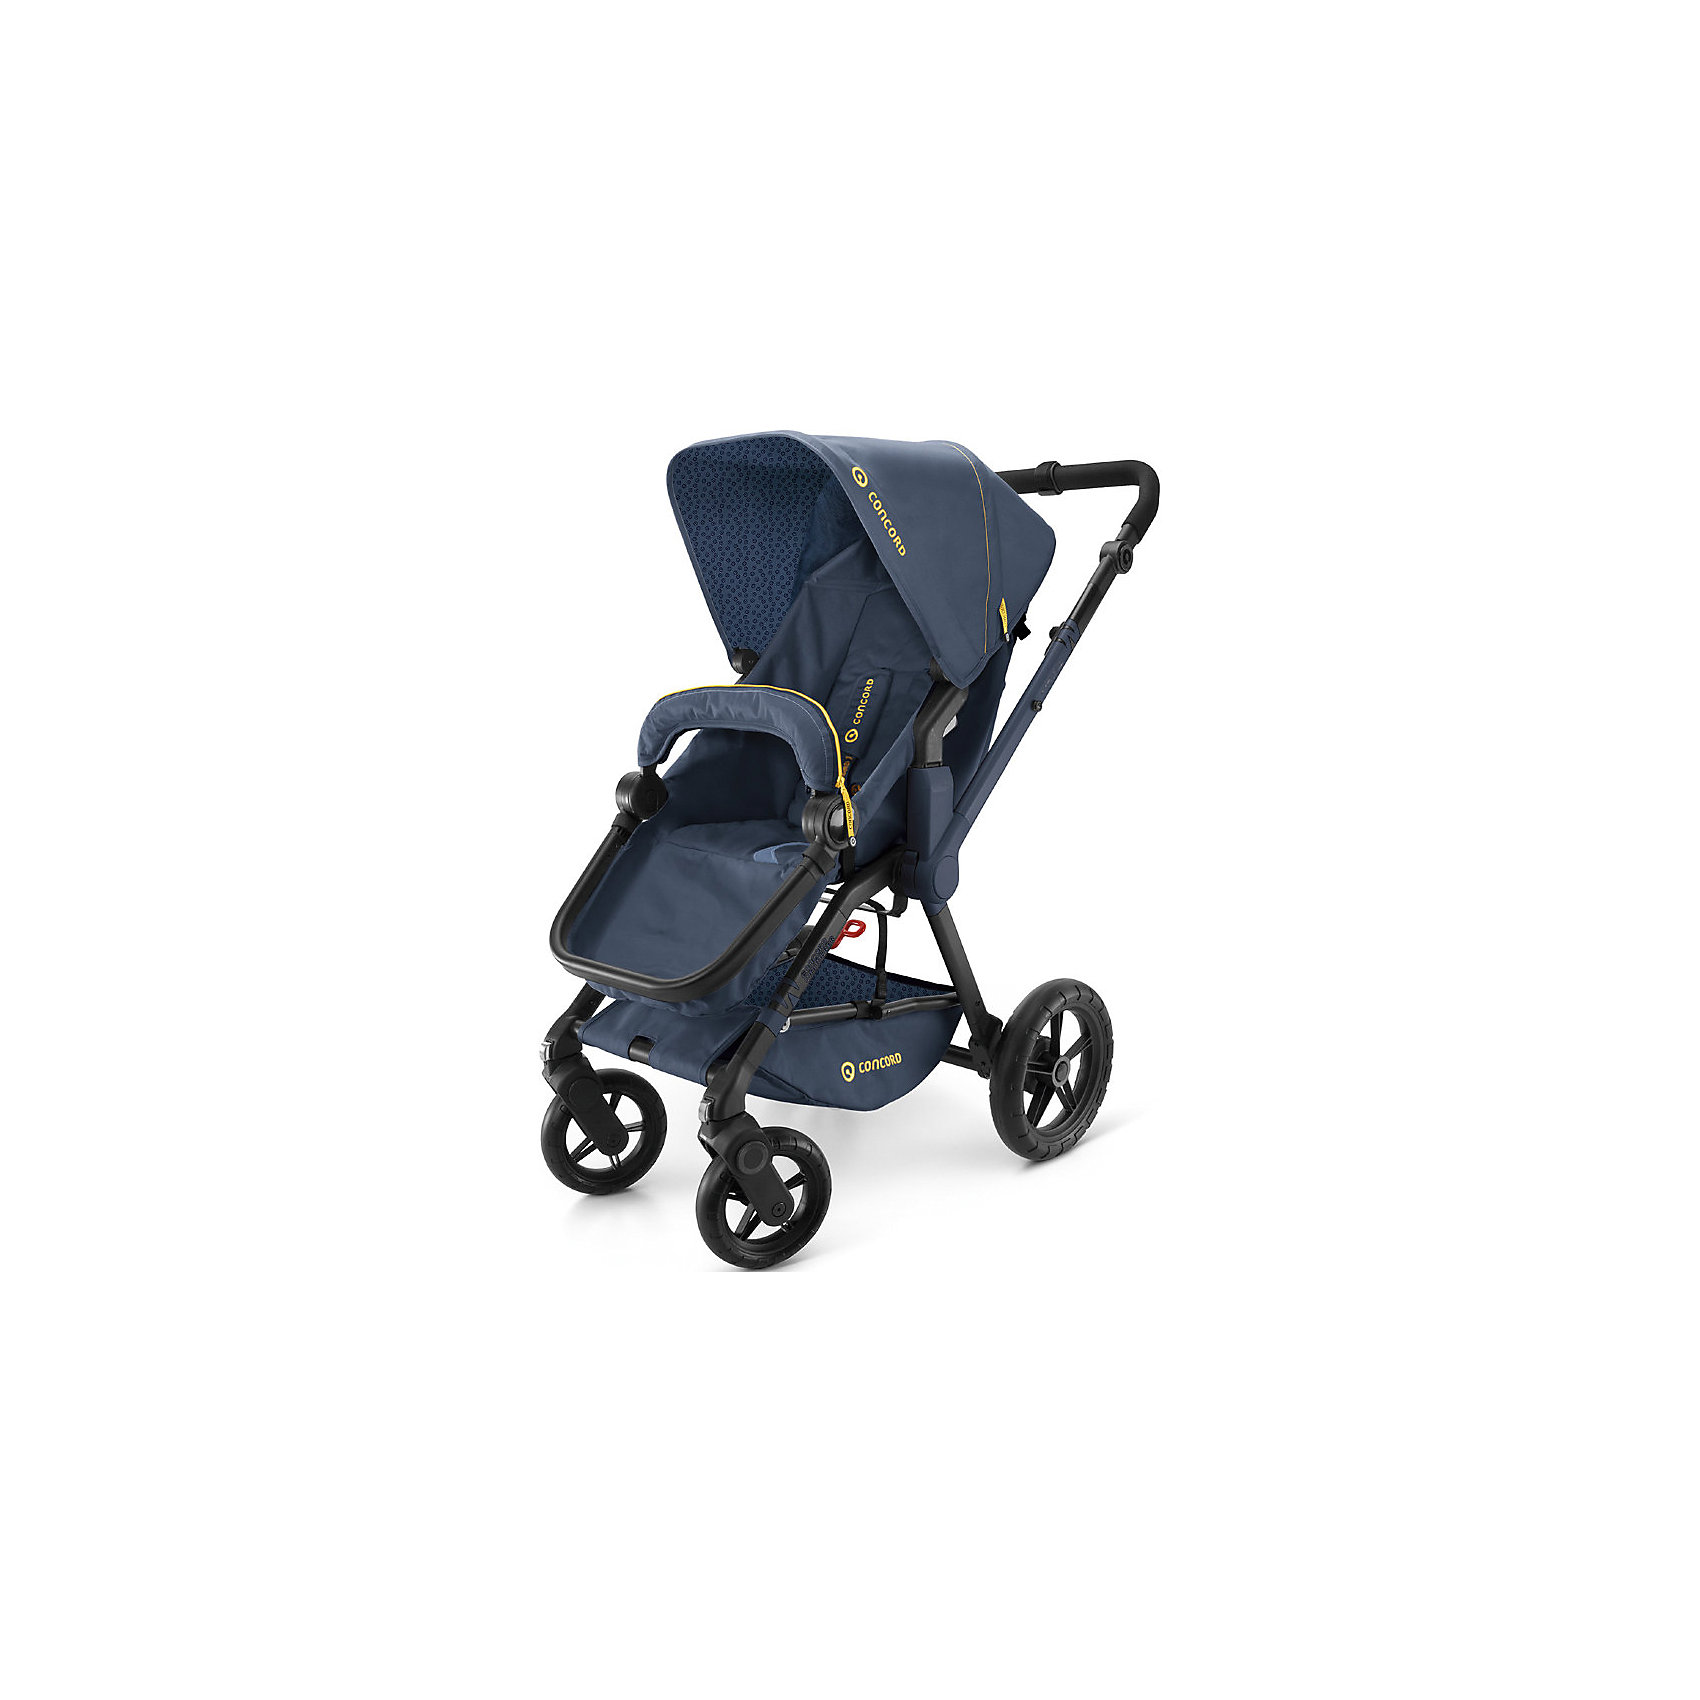 Прогулочная коляска Concord Wanderer, Denim BlueПрогулочные коляски<br>Прогулочная коляска Wanderer, Concord, Denim Blue<br><br>Характеристики коляски Concord Wanderer:<br><br>• возраст ребенка: от 6 месяцев до 3-х лет;<br>• вес ребенка: до 15 кг;<br>• количество положений спинки: 3, вплоть до горизонтального;<br>• наличие 5-ти точечных ремней безопасности с мягкими накладками;<br>• регулируемая подножка;<br>• реверсивный блок (возможность установить прогулочный блок как лицом к маме, так и лицом к окружающему миру);<br>• высота ручки коляски регулируется, тип ручки – цельная;<br>• перекидная ручка коляски;<br>• бампер съемный;<br>• чехлы съемные, допускается стирка при температуре 30 градусов;<br>• наличие амортизаторов делают ход коляски мягким и плавным;<br>• положение капюшона регулируется в 4-х положениях, предусмотрена УФ-защиту 50+;<br>• колеса с подшипниками, передние поворотные с функцией блокировки, задние колеса большего диаметра;<br>• тип тормоза: ножной;<br>• тип складывания: книжка.<br><br>Прогулочная коляска Concord Wanderer имеет просторное прогулочное сиденье со спинкой, опускающейся до горизонтального положения, глубокий капюшон, съемный бампер. Прогулочный блок можно установить в 2-х положениях. Цельная ручка коляски регулируется по высоте. Колеса вращаются на 360 градусов, задние зафиксированы. <br><br>На шасси Concord можно установить люльку для новорожденного Concord Sleeper и детское автокресло Concord Air. <br><br>Обратите внимание: данные аксессуары приобретаются отдельно.<br><br>Размеры коляски Конкорд:<br><br>• ширина сиденья: 33 см;<br>• высота спинки: 45 см;<br>• длина спального места: 75 см;<br>• высота ручки: 73-102 см;<br>• размер коляски в разложенном виде: 104x60x102 см.<br>• размер в сложенном виде: 69x50x39 см.<br>• вес: 13,5 кг.<br><br>Комплектация: <br><br>• прогулочный блок с капюшоном и бампером;<br>• шасси с колесами;<br>• накидка на ножки;<br>• дождевик;<br>• инструкция. <br><br>Прогулочную коляску Wanderer, Concord, Denim B